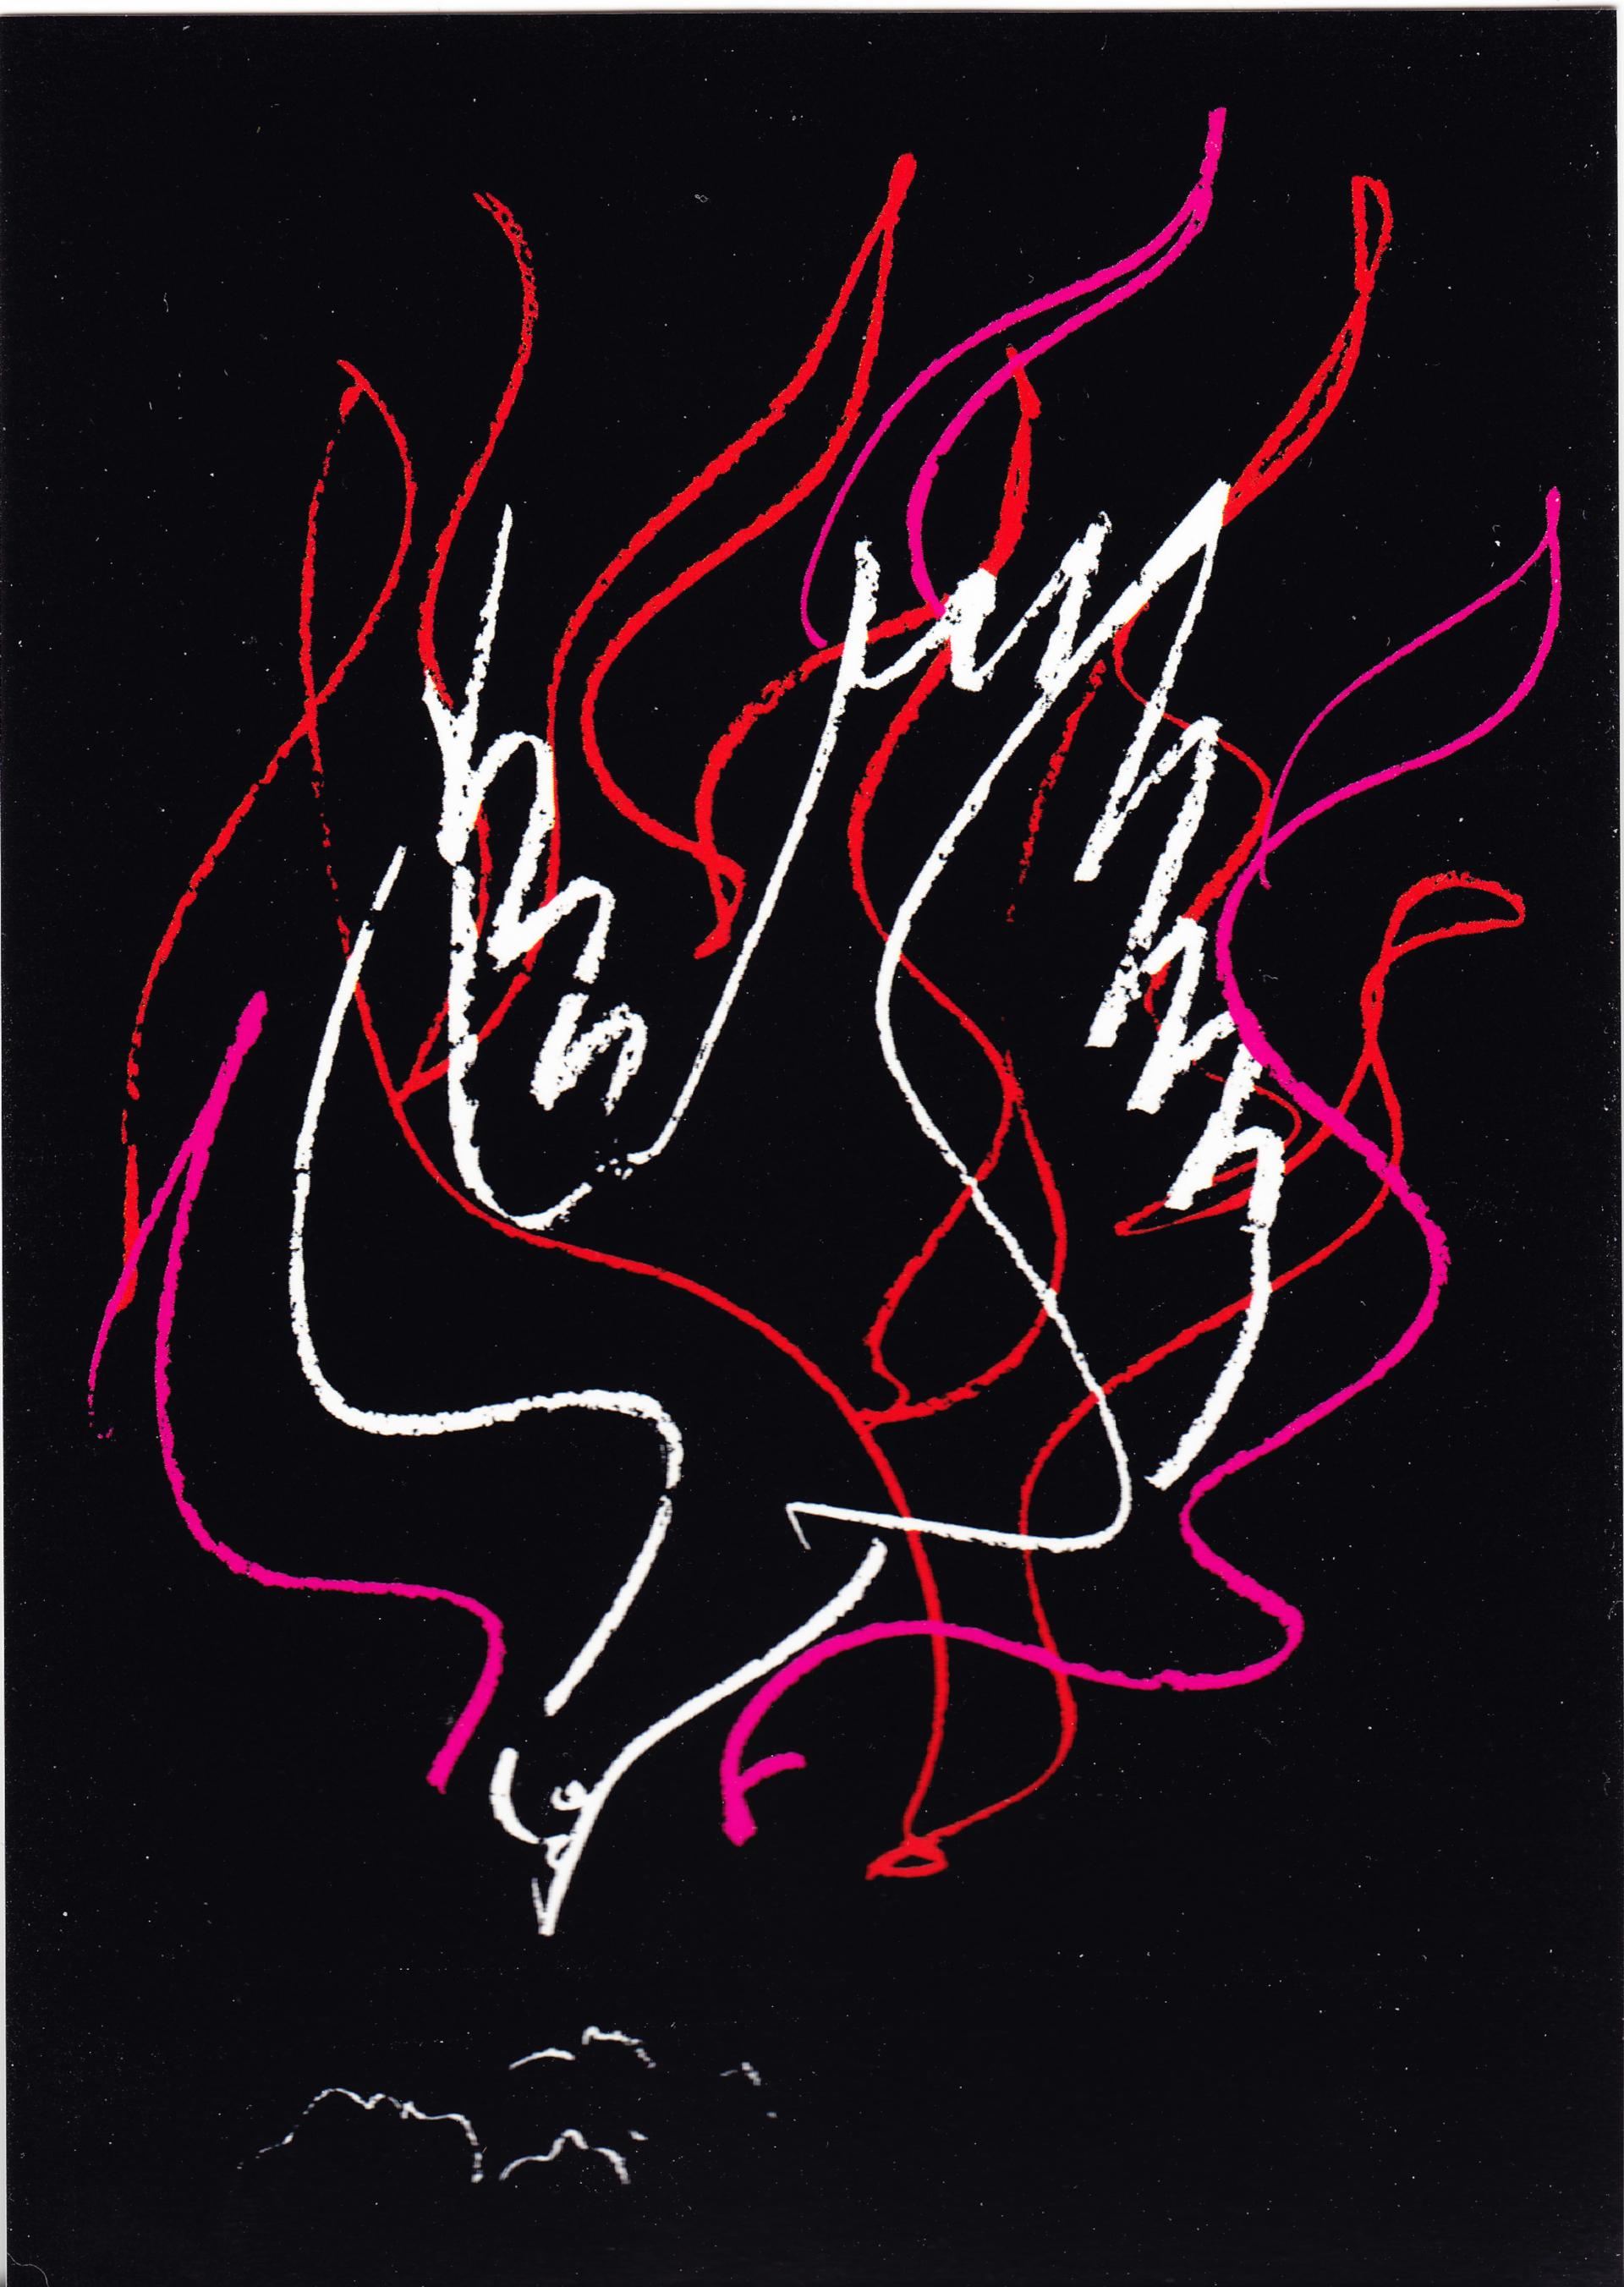 Die Feuertaube, das Signet der Ökumenischen Versammlung von Basel 1989 | © Institut für Ökumenische Studien, Universität Freiburg